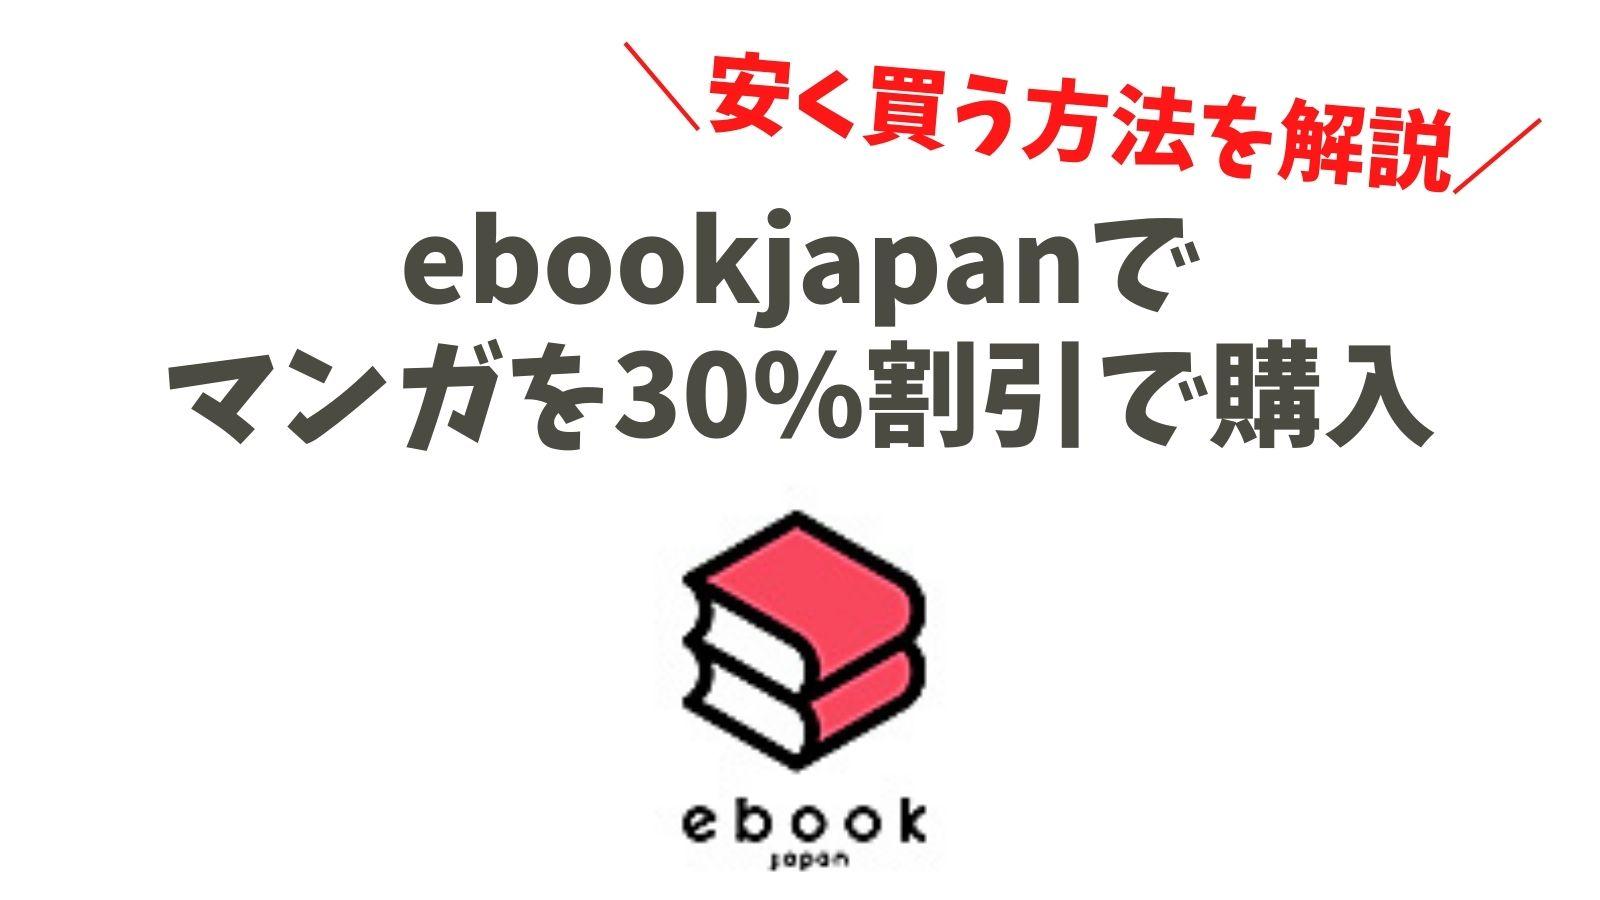 ebookjapanは金曜日のPayPay決済がお得【30%割引で購入する方法】